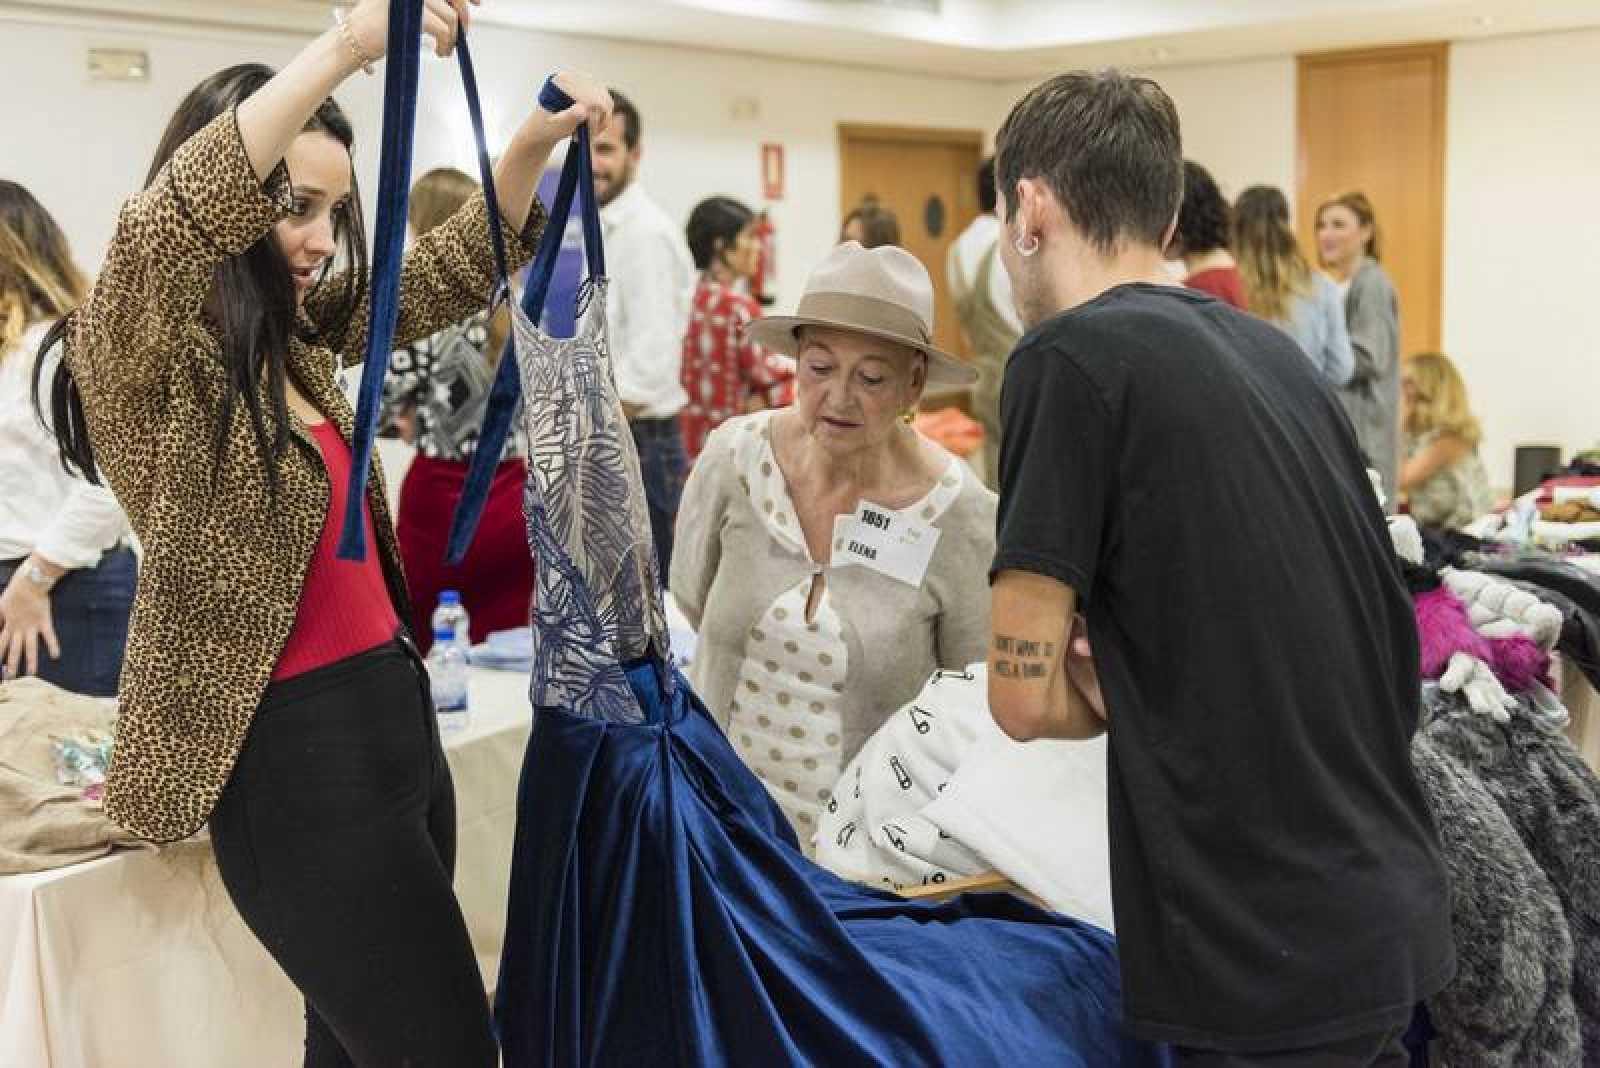 Los candidatos han llevado prendas elaboradas por ellos para demostrar su estilo, talento, creatividad y destreza